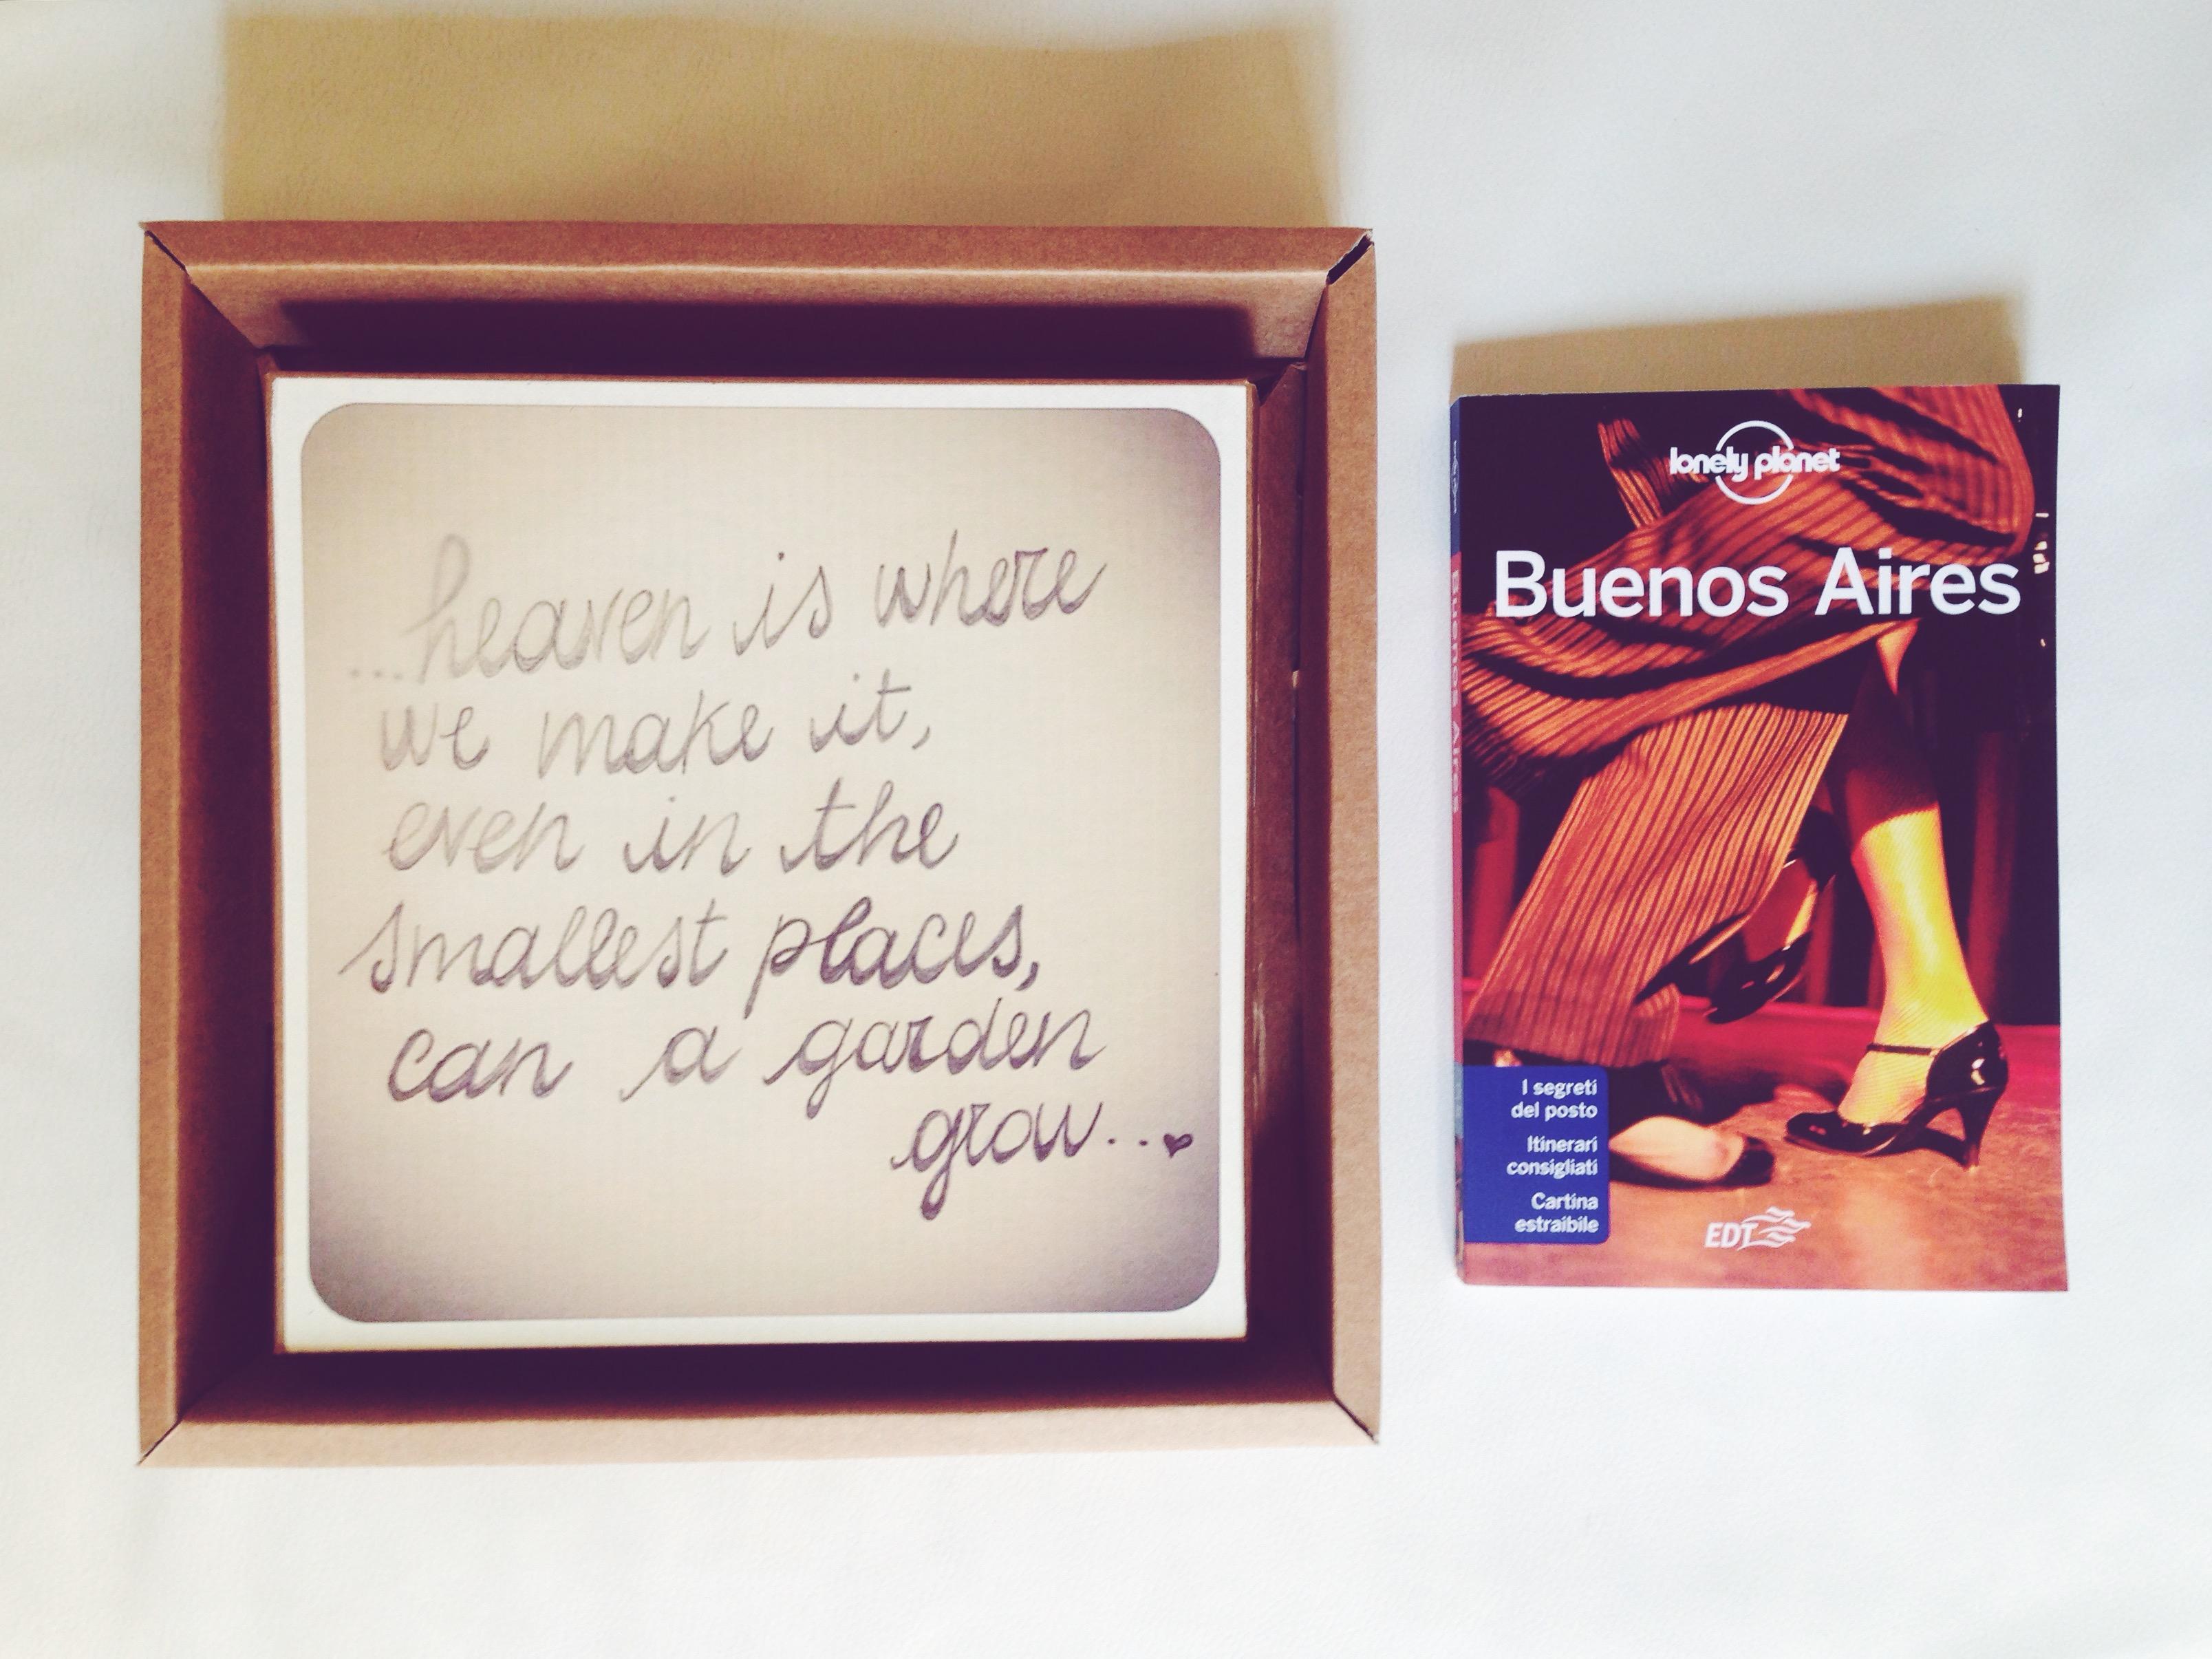 Partire è la più bella e coraggiosa delle azioni. Next stop Argentina!